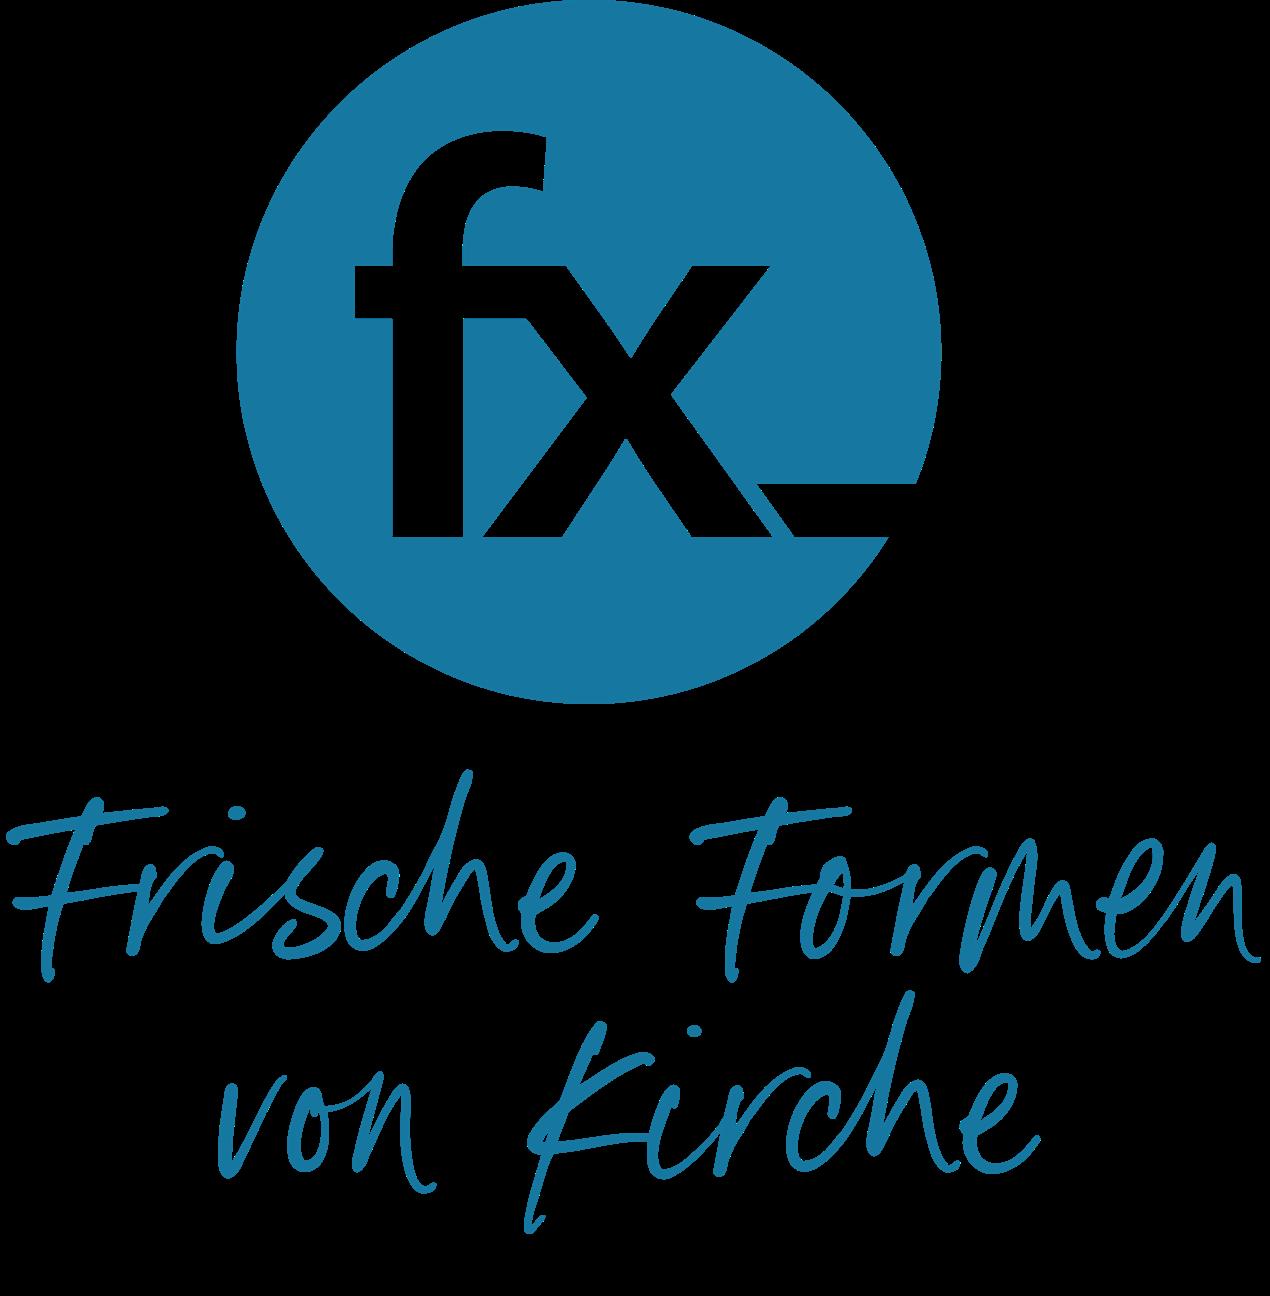 fx logo claim